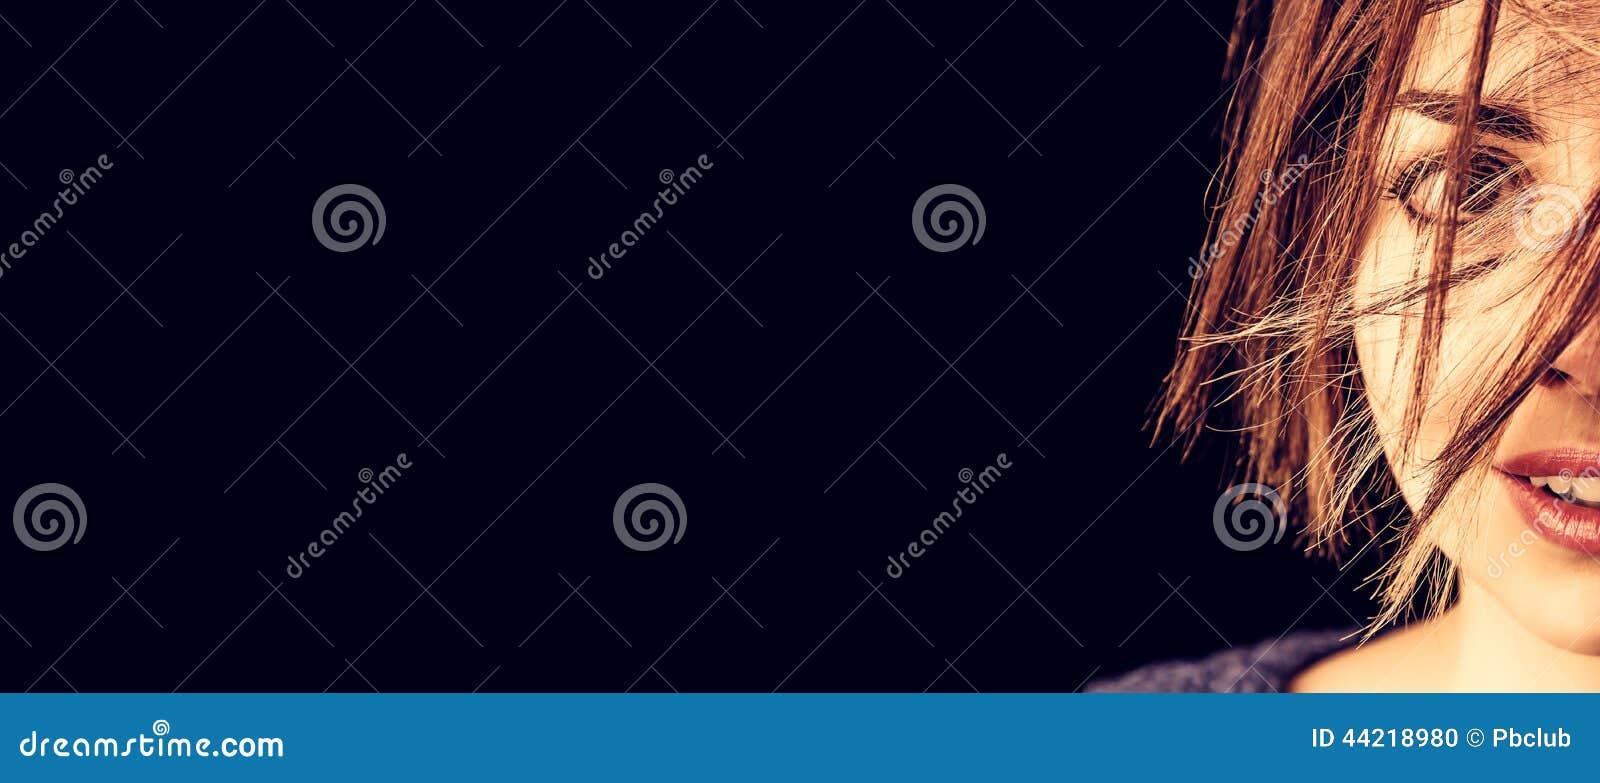 Spielerisches schauendes Porträt der Frau für Fahne